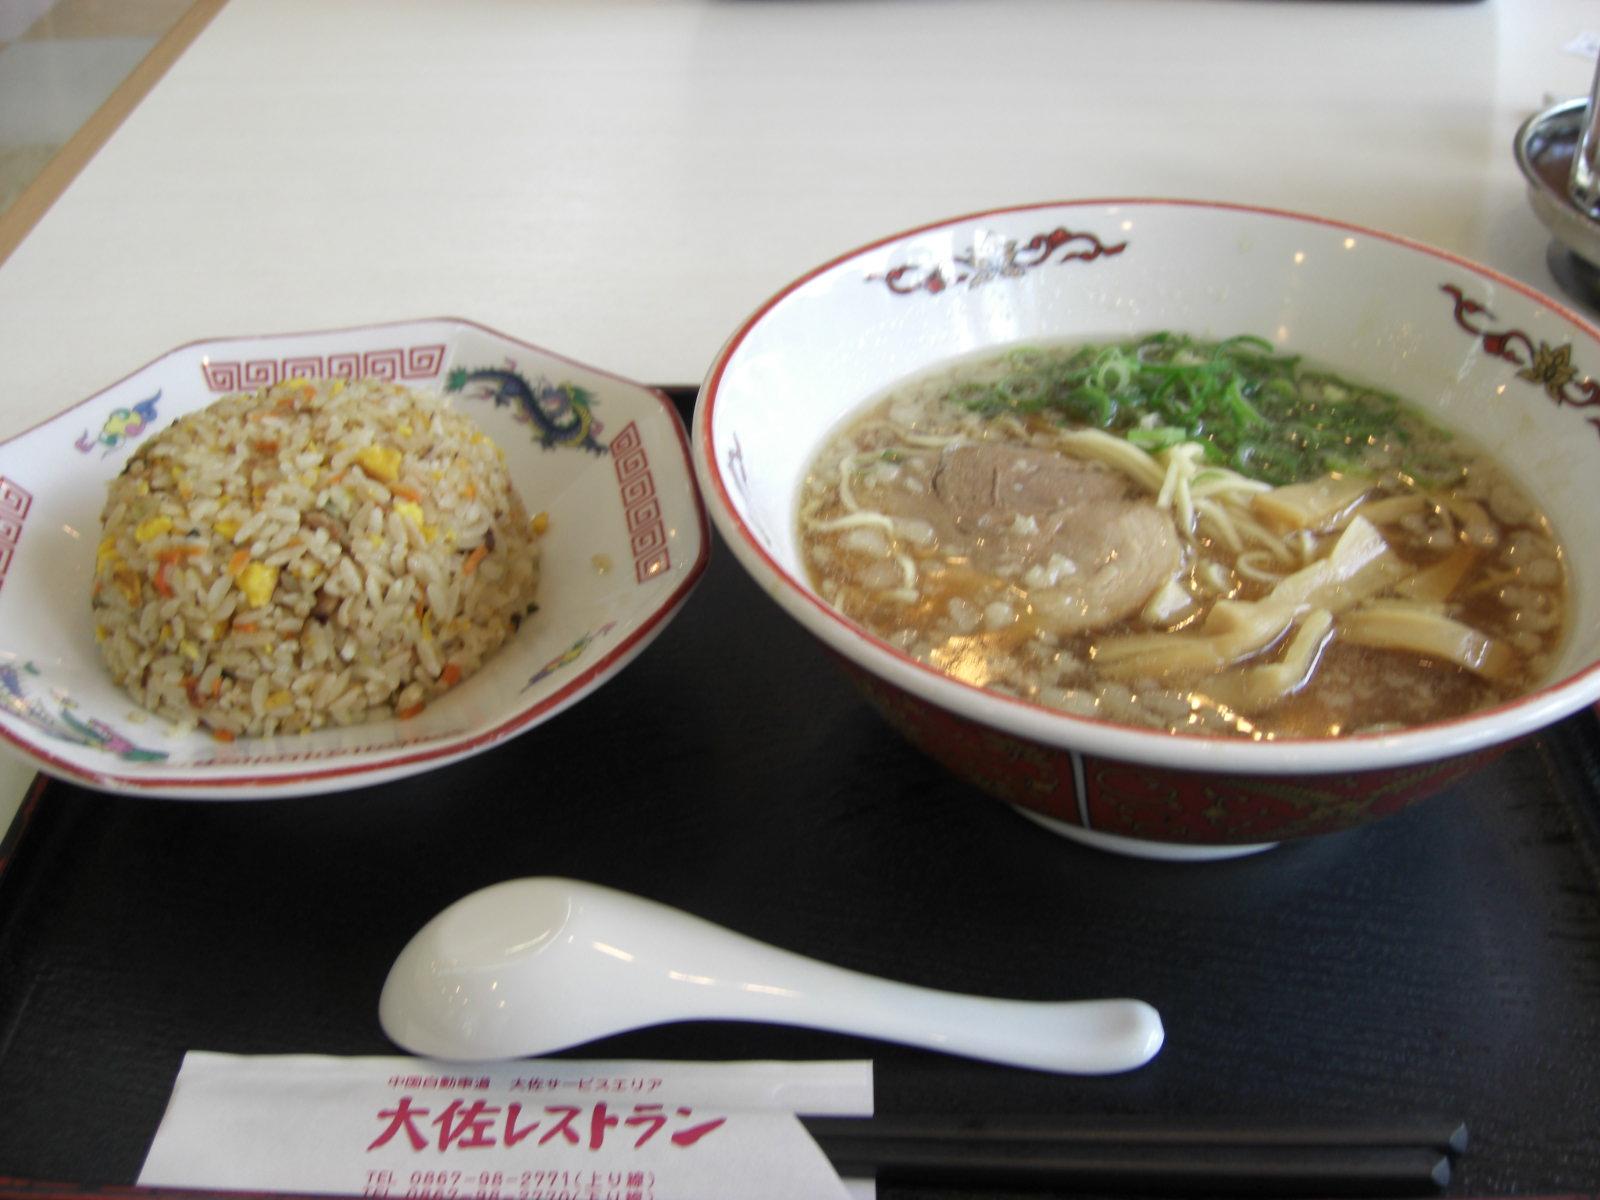 大佐サービスエリア(上り線)レストラン